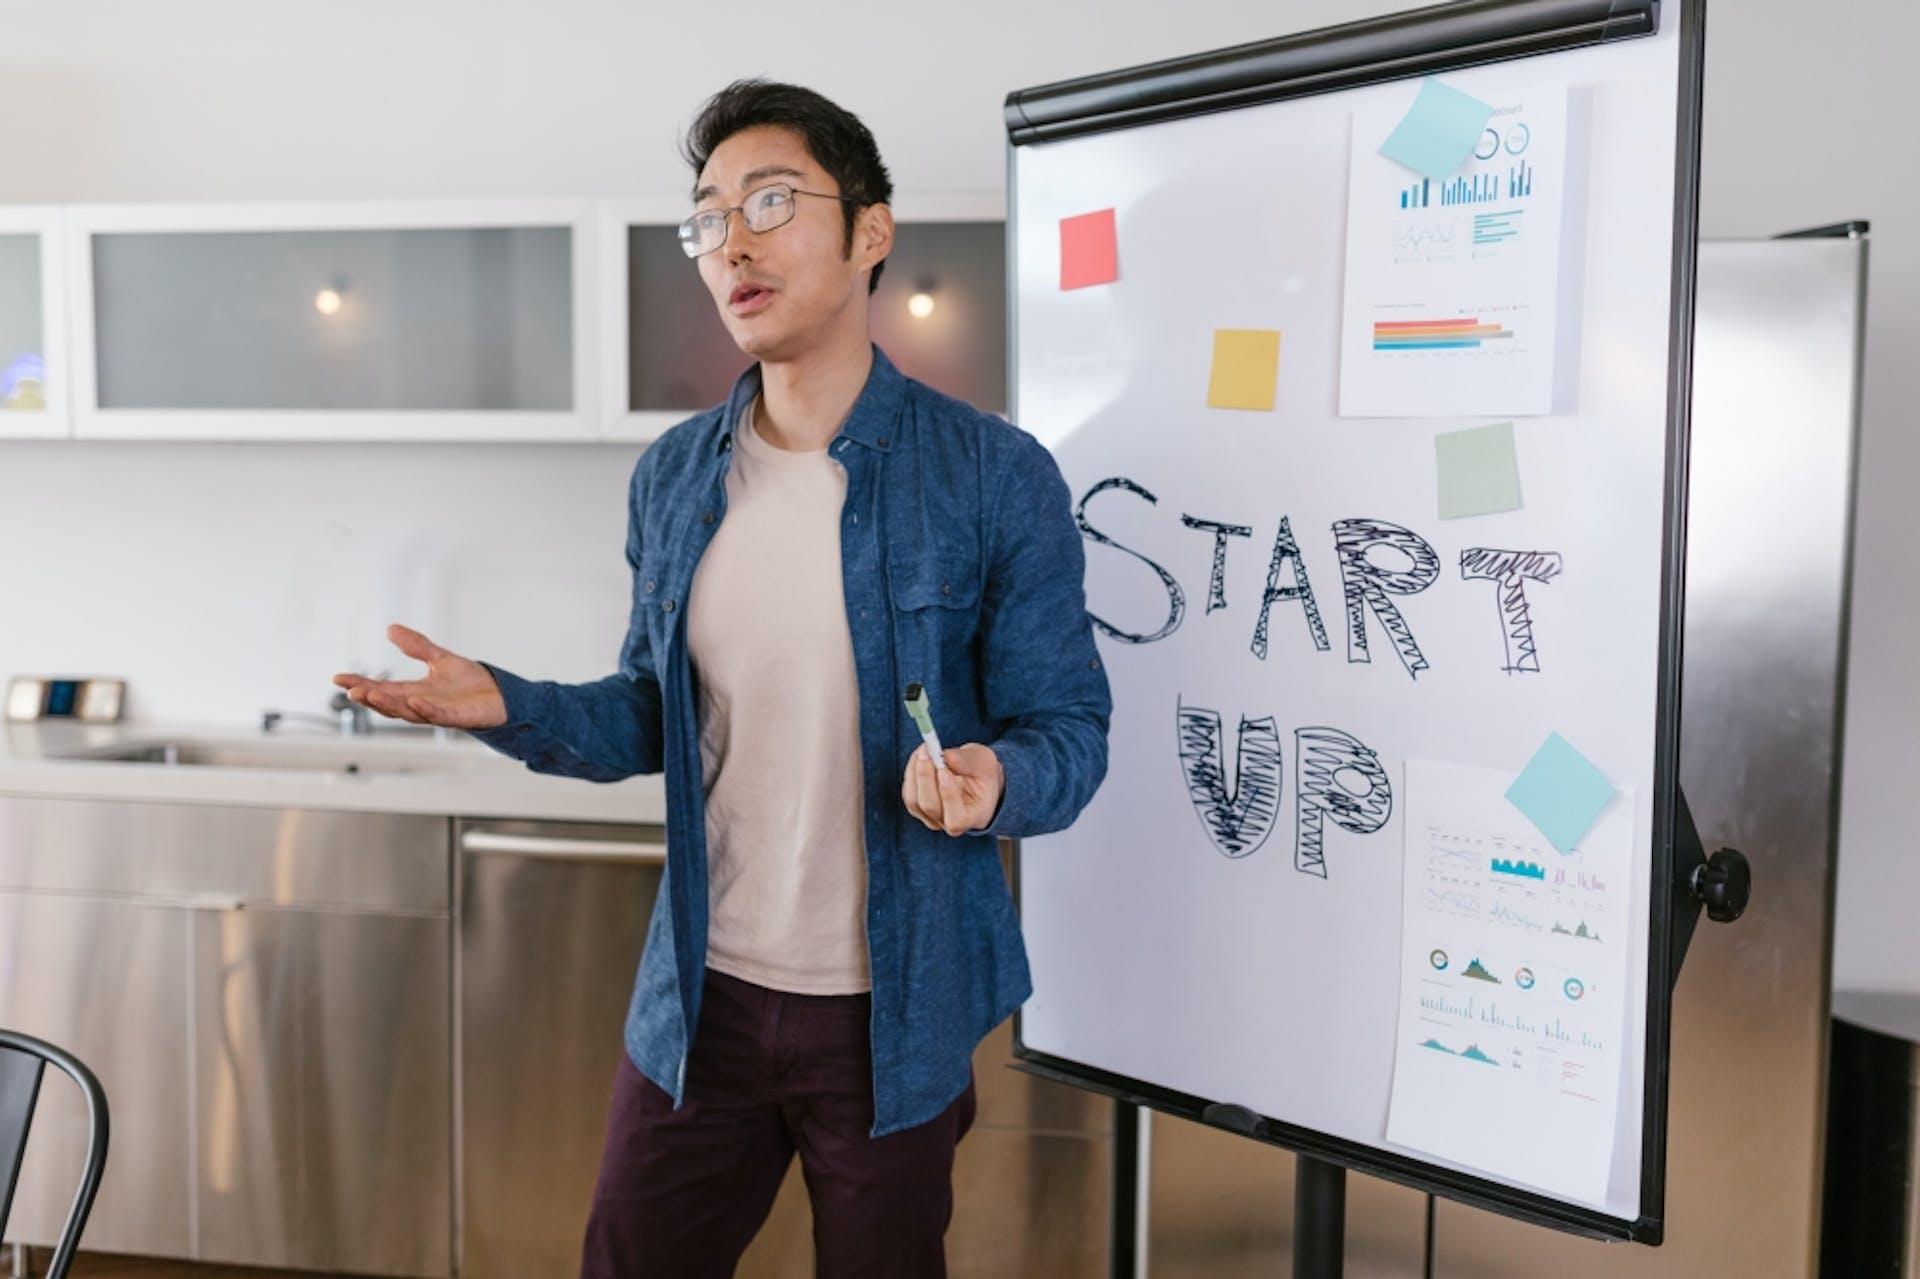 Conoce los tipos de crowdfunding que impulsarán el alcance de tu startup en 2022